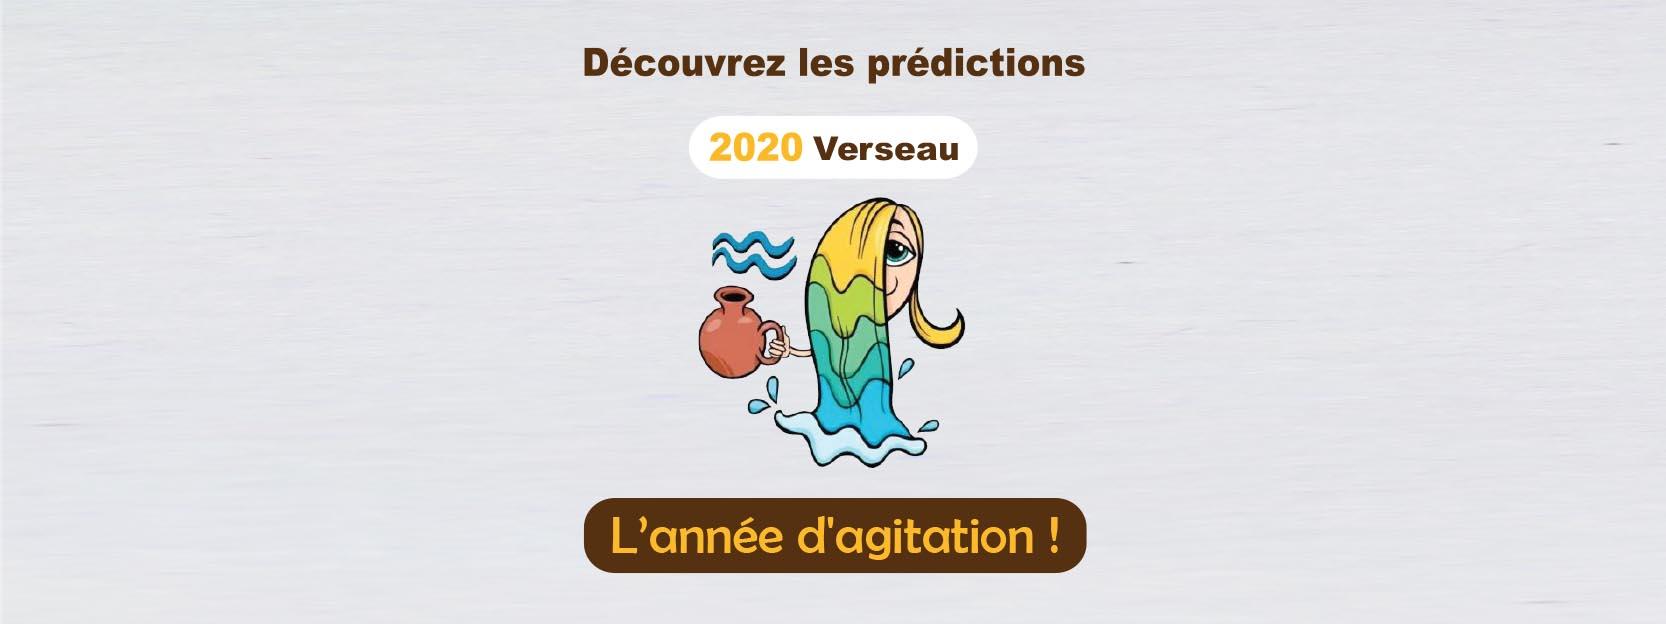 Prédiction 2020 verseau